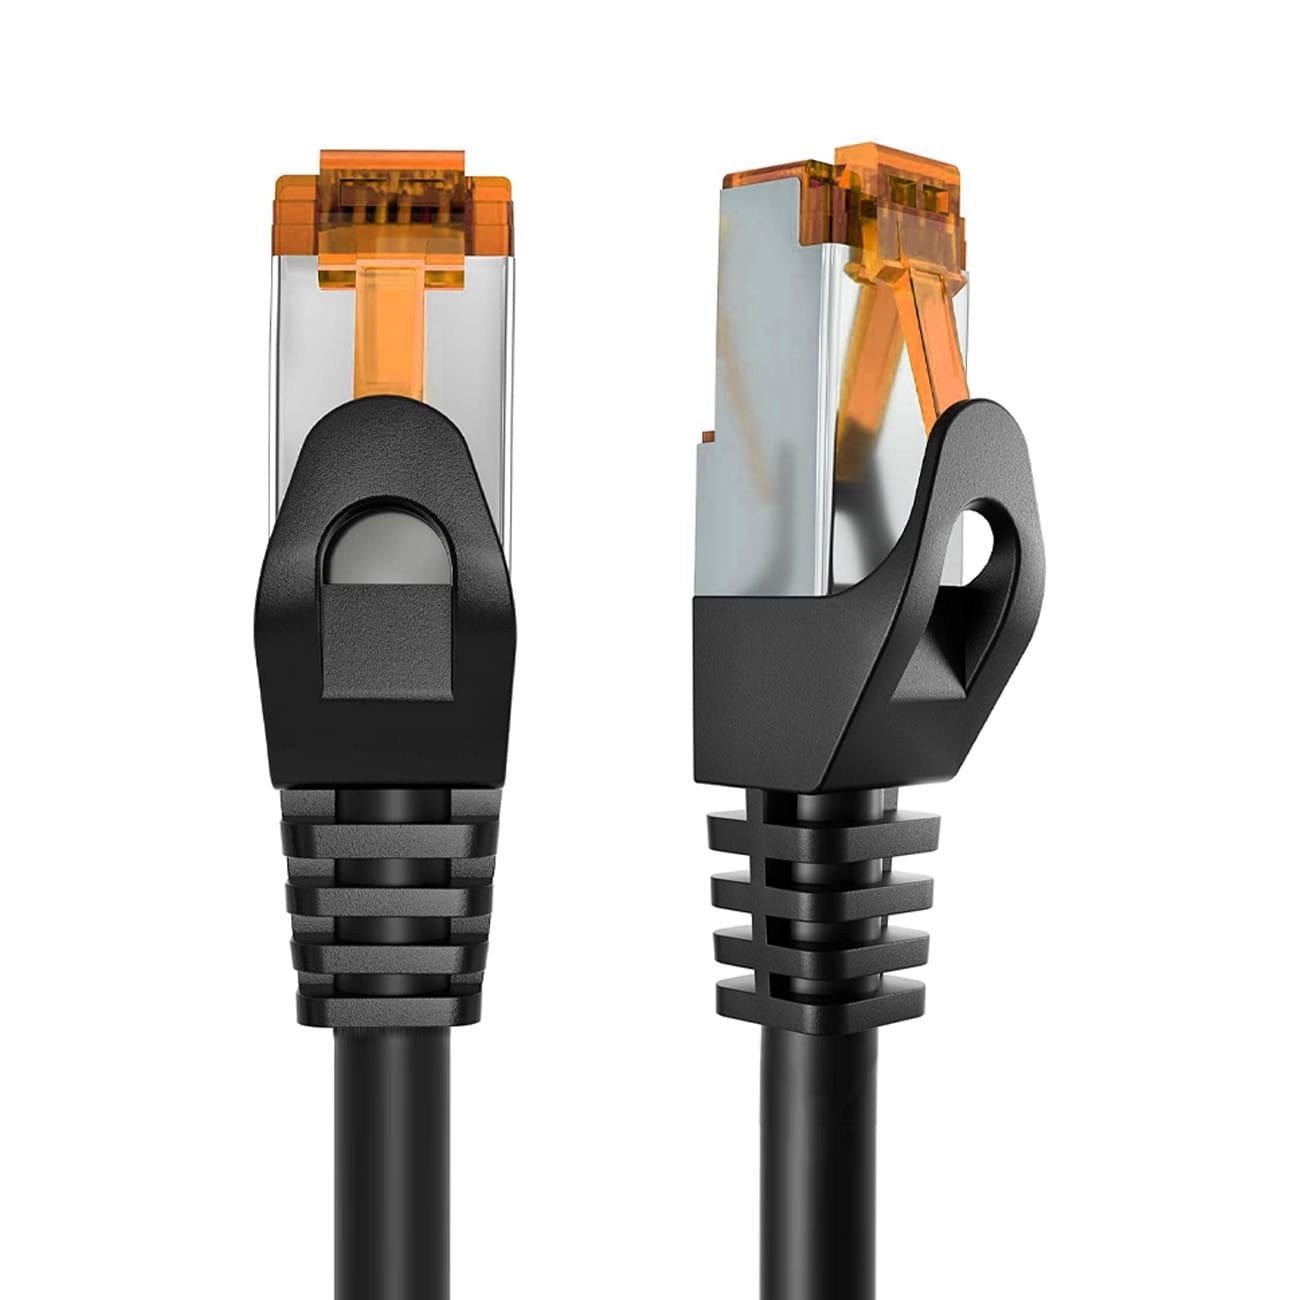 Kabel S/FTP CAT6a Patch Cord 20m LB0194-20 LIBOX